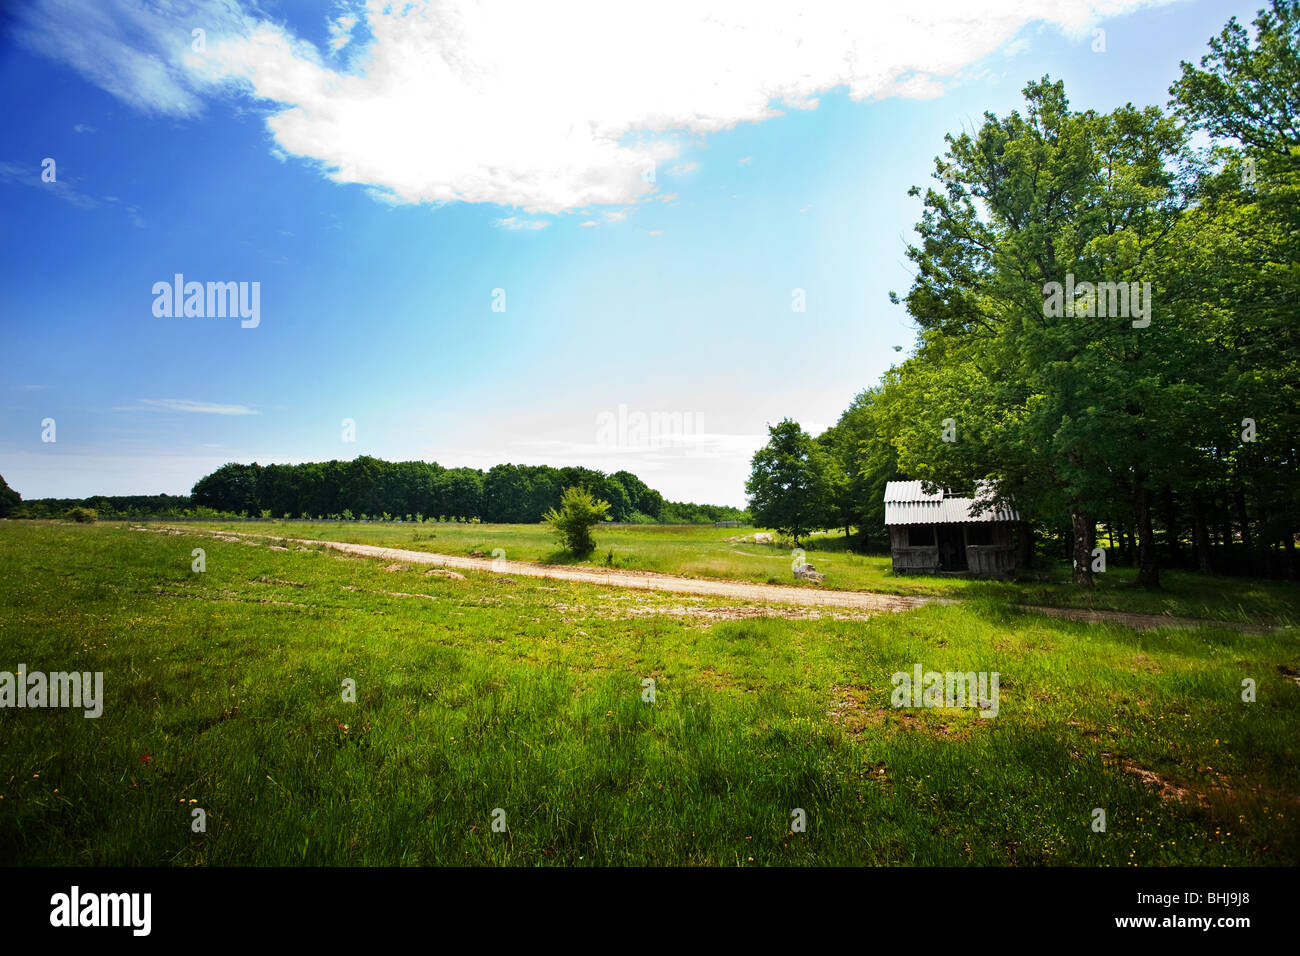 Paisaje con bosque y grassfield bajo un cielo azul Imagen De Stock